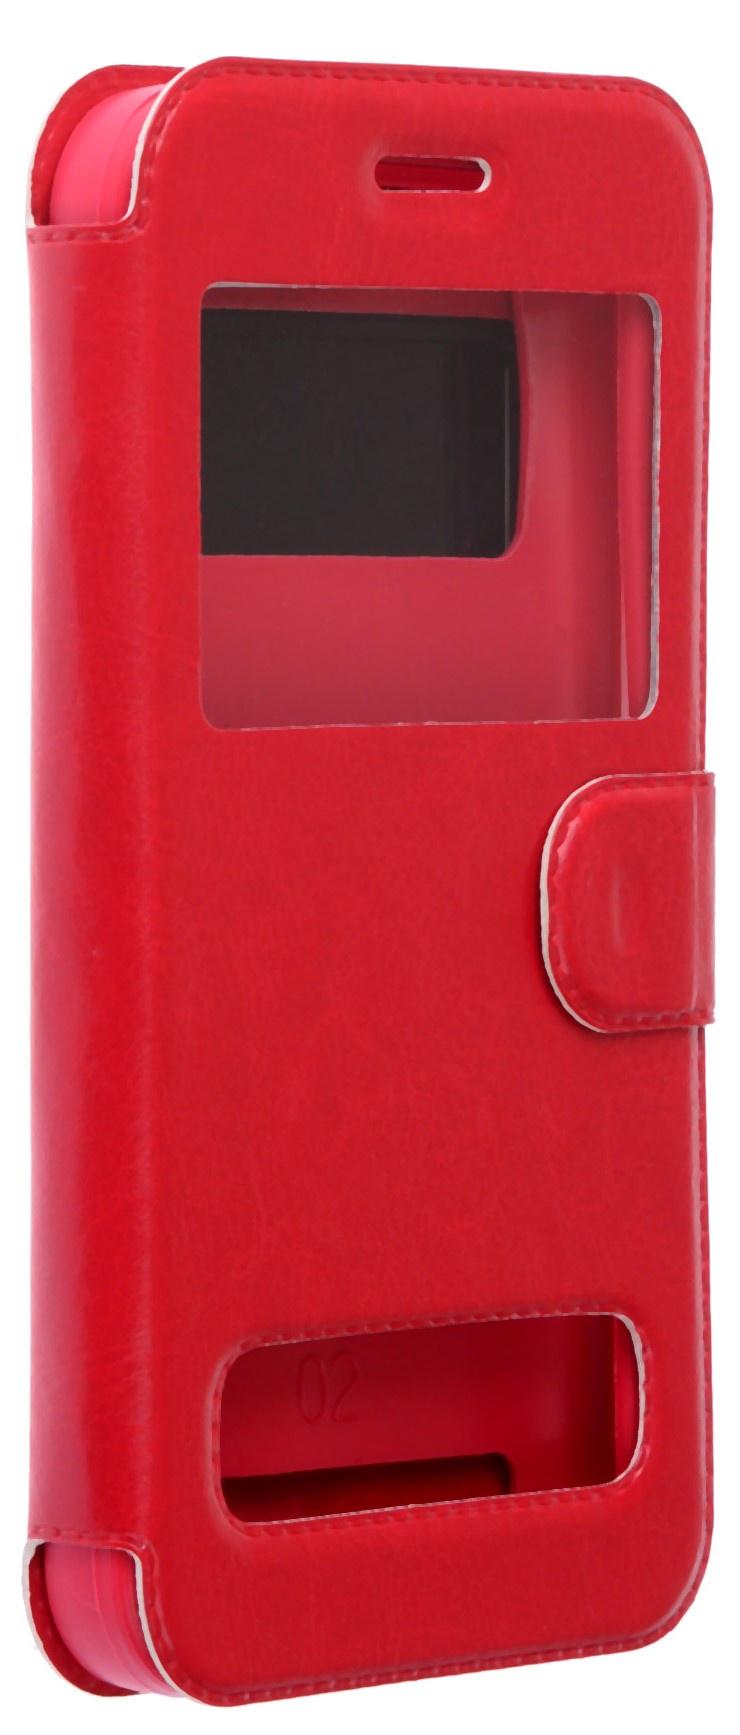 цена на Чехол для сотового телефона skinBOX Silicone Sticker 5, 4660041408454, красный